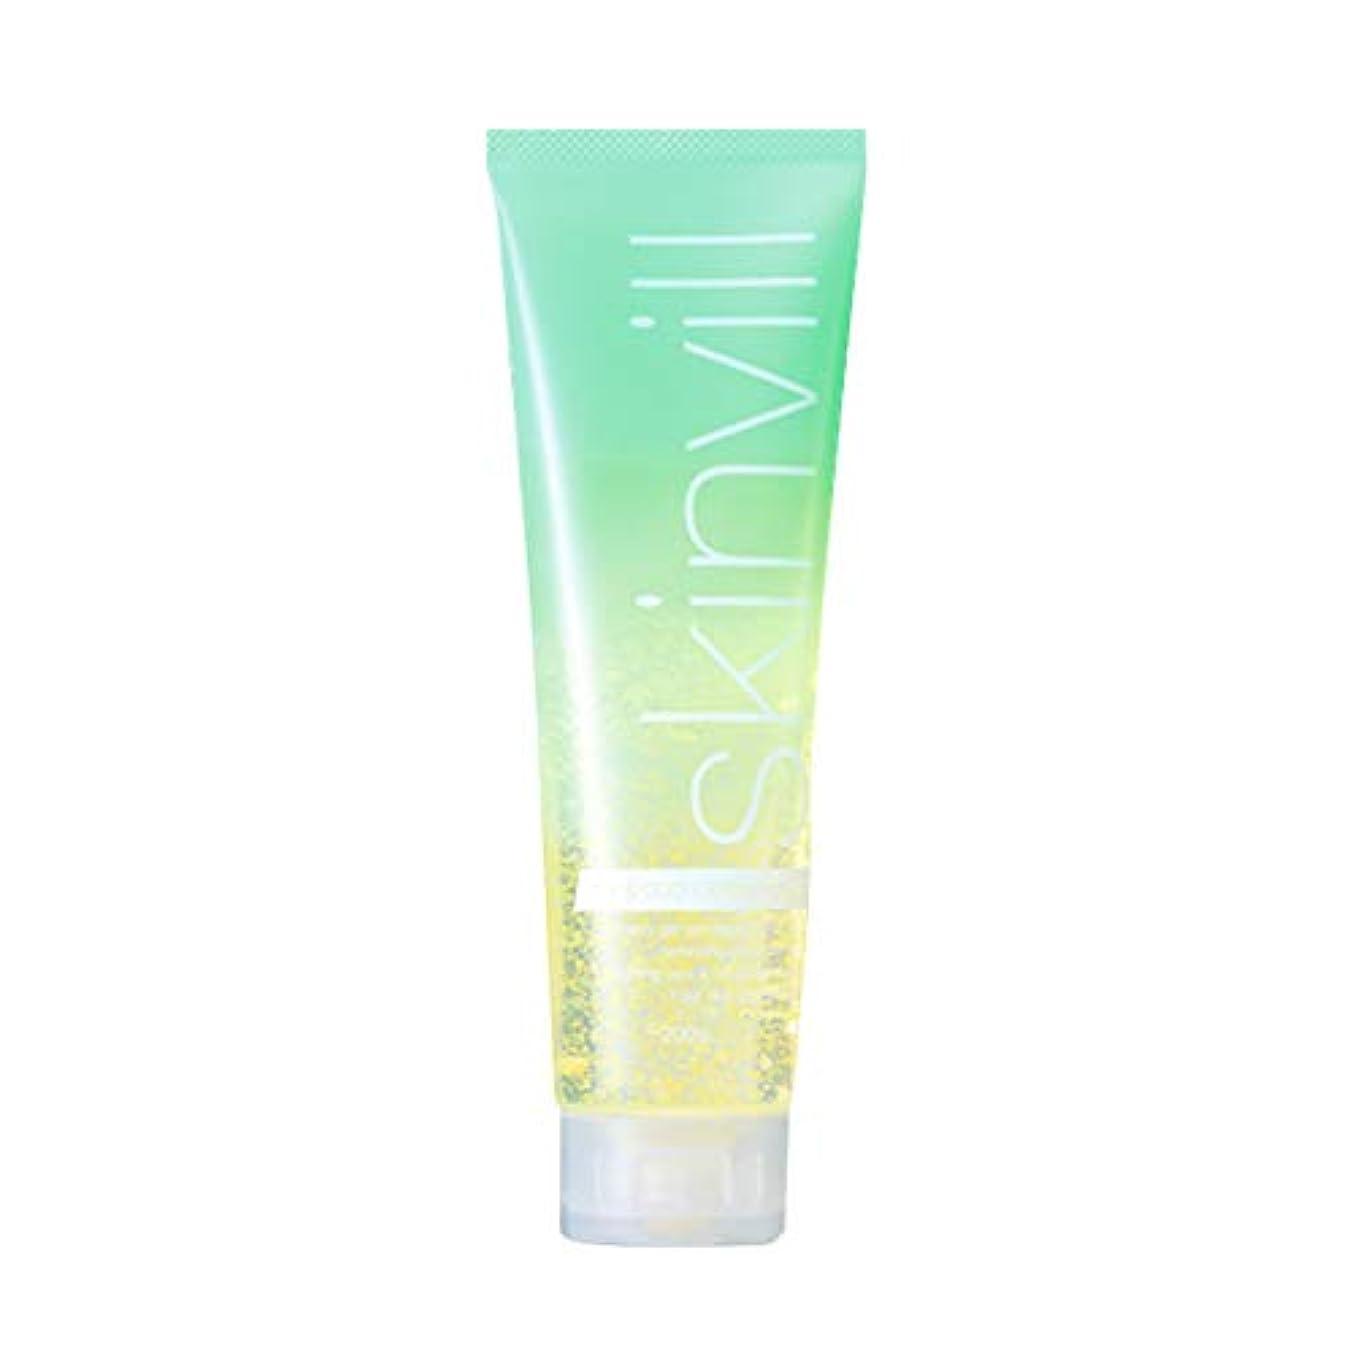 【2019年夏限定】skinvill スキンビル ホット&クールクレンジングジェルVC レモンシトラスミントの香り 200g